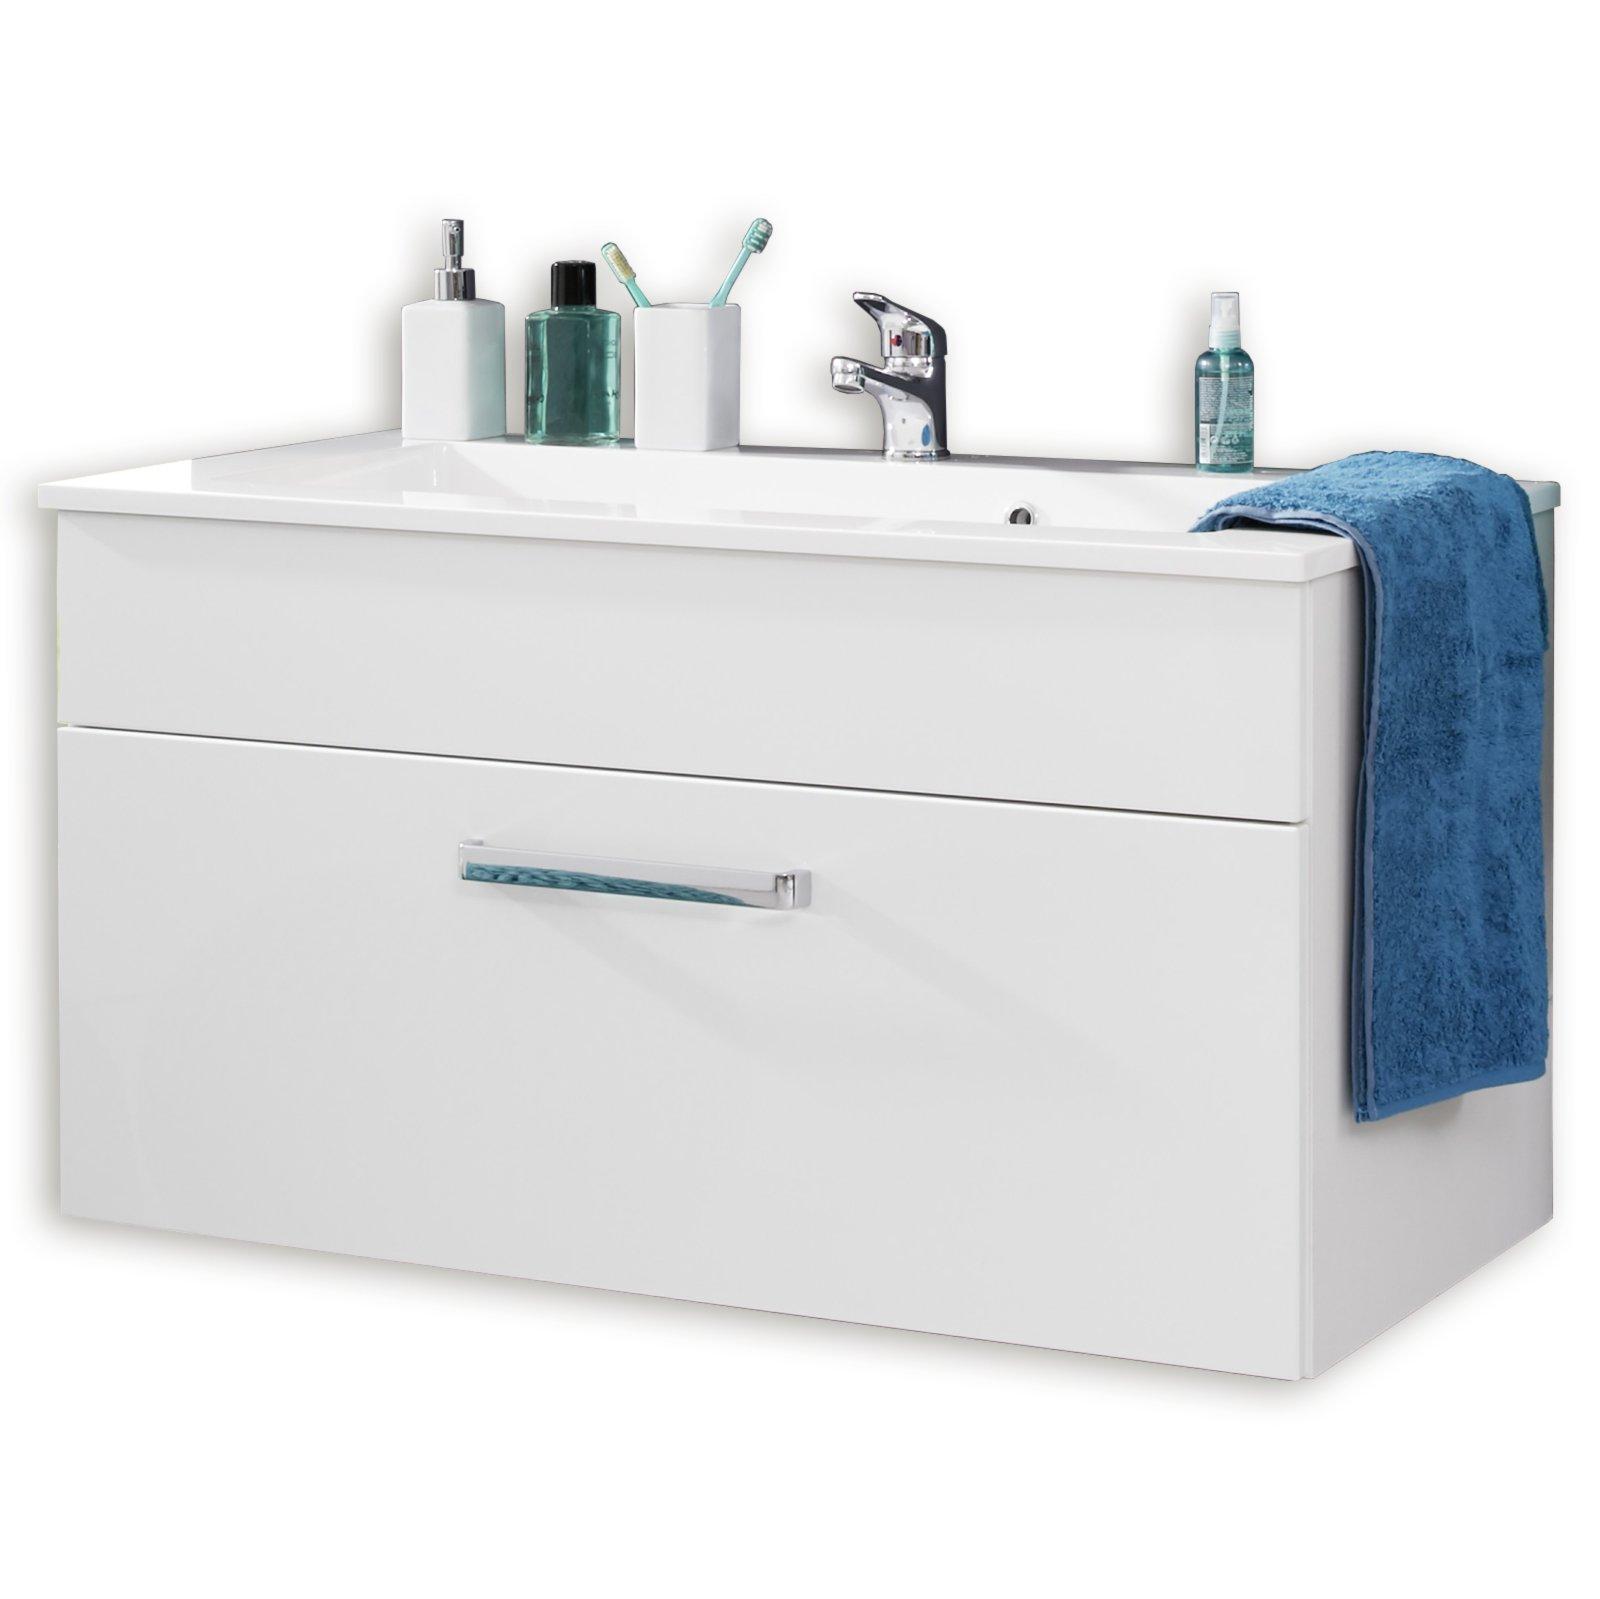 waschbeckenunterschrank adamo wei hochglanz 101 cm. Black Bedroom Furniture Sets. Home Design Ideas